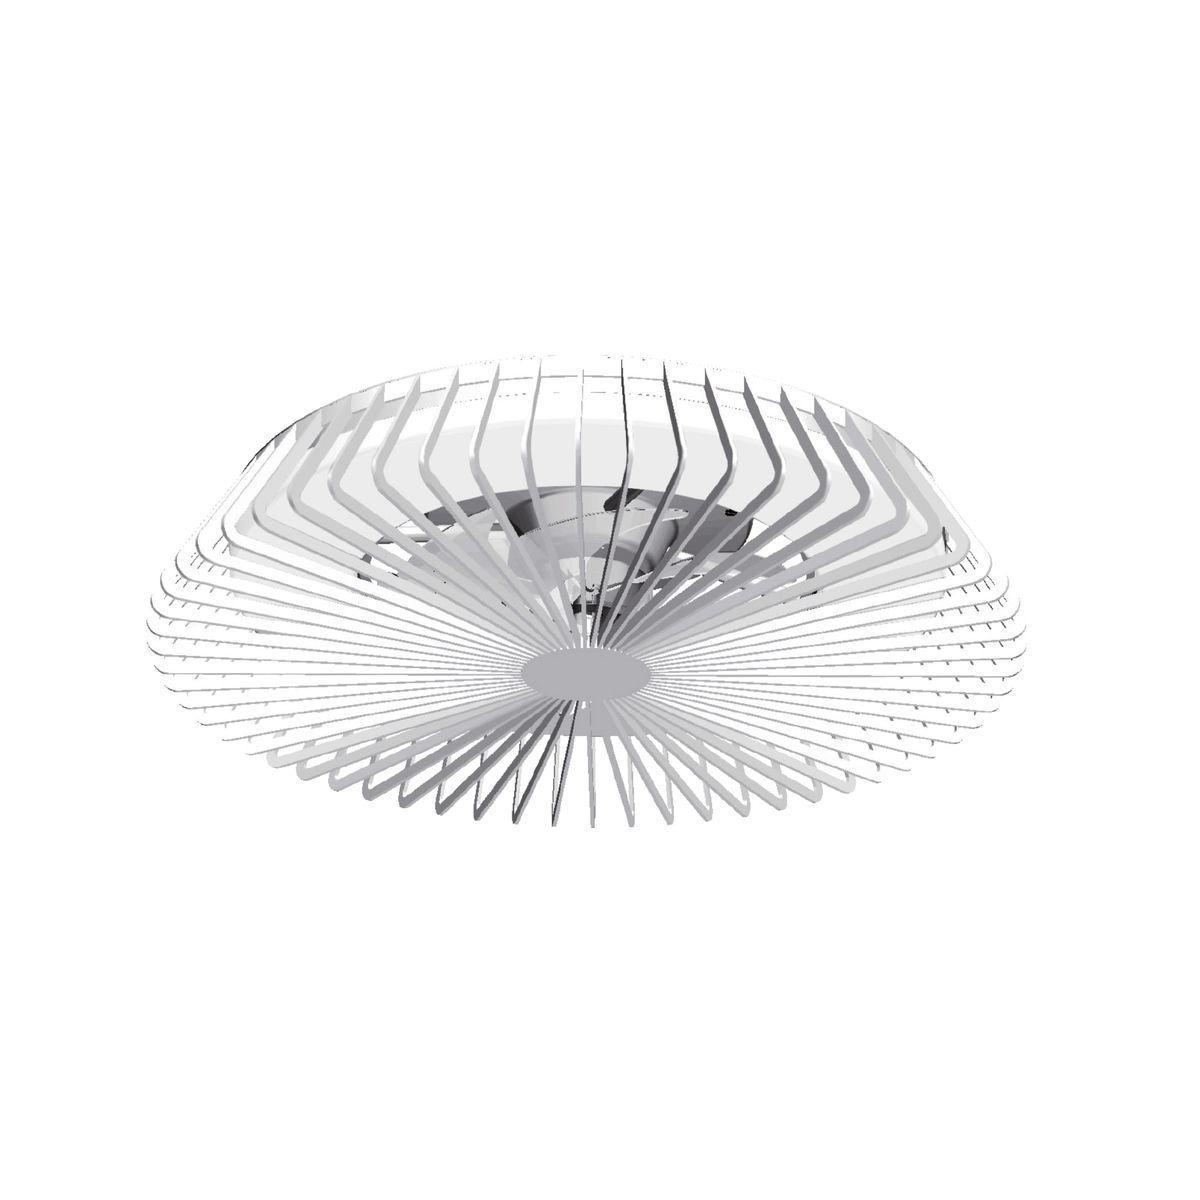 Потолочная светодиодная люстра-вентилятор Mantra Himalaya 7120